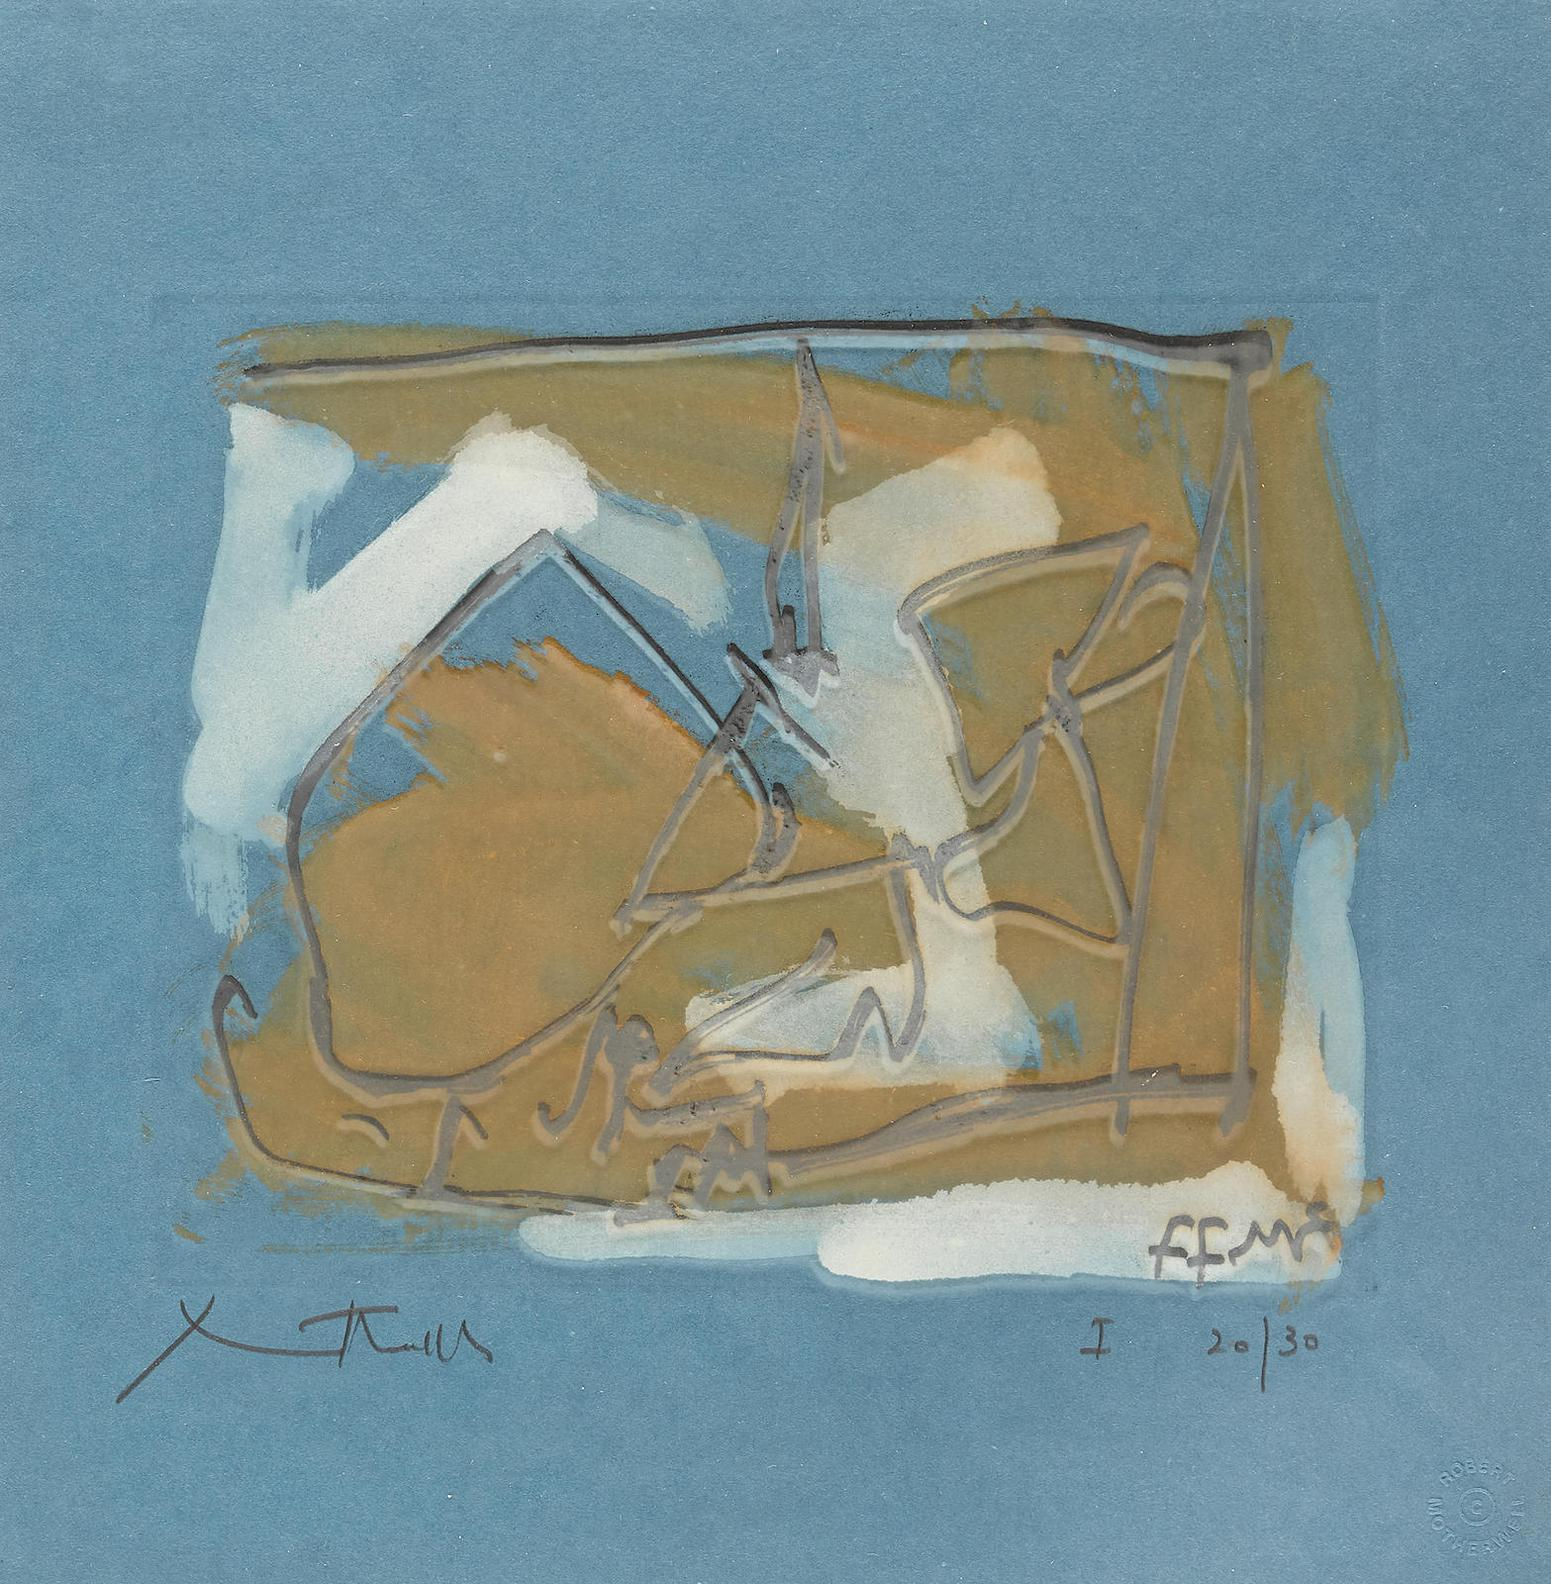 Robert Motherwell-Untitled (State I) (B. 181, E.&B.; 325)-1984